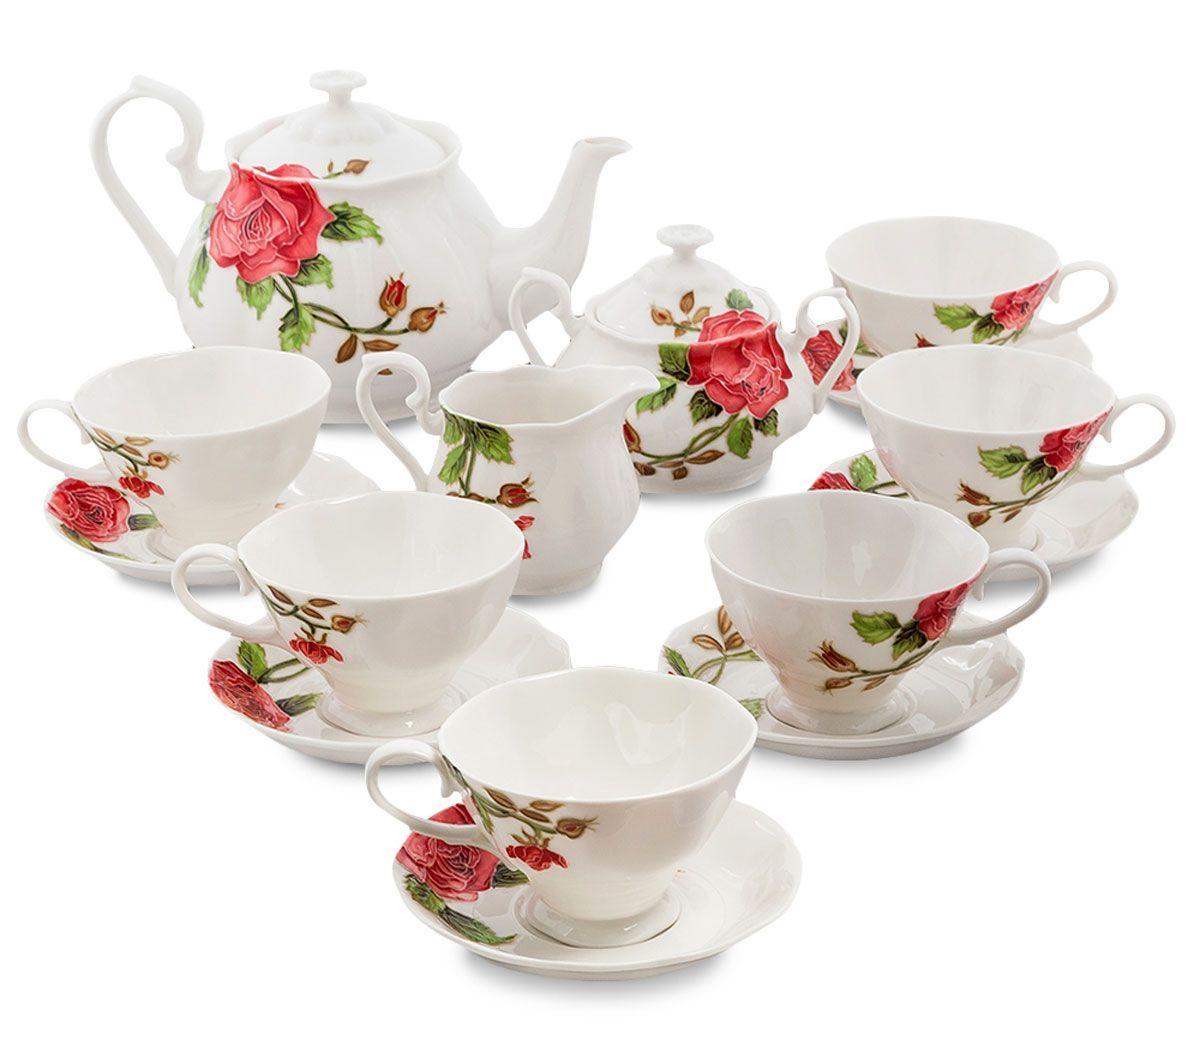 Сервиз чайный Pavone Рафаэлло. Роза, 15 предметов. 451578115610Объем чайника: 1,25 лОбъем сахарницы: 400 мл Объем молочника: 250 мл Объем чашки: 200 млДиаметр блюдца: 14 см.